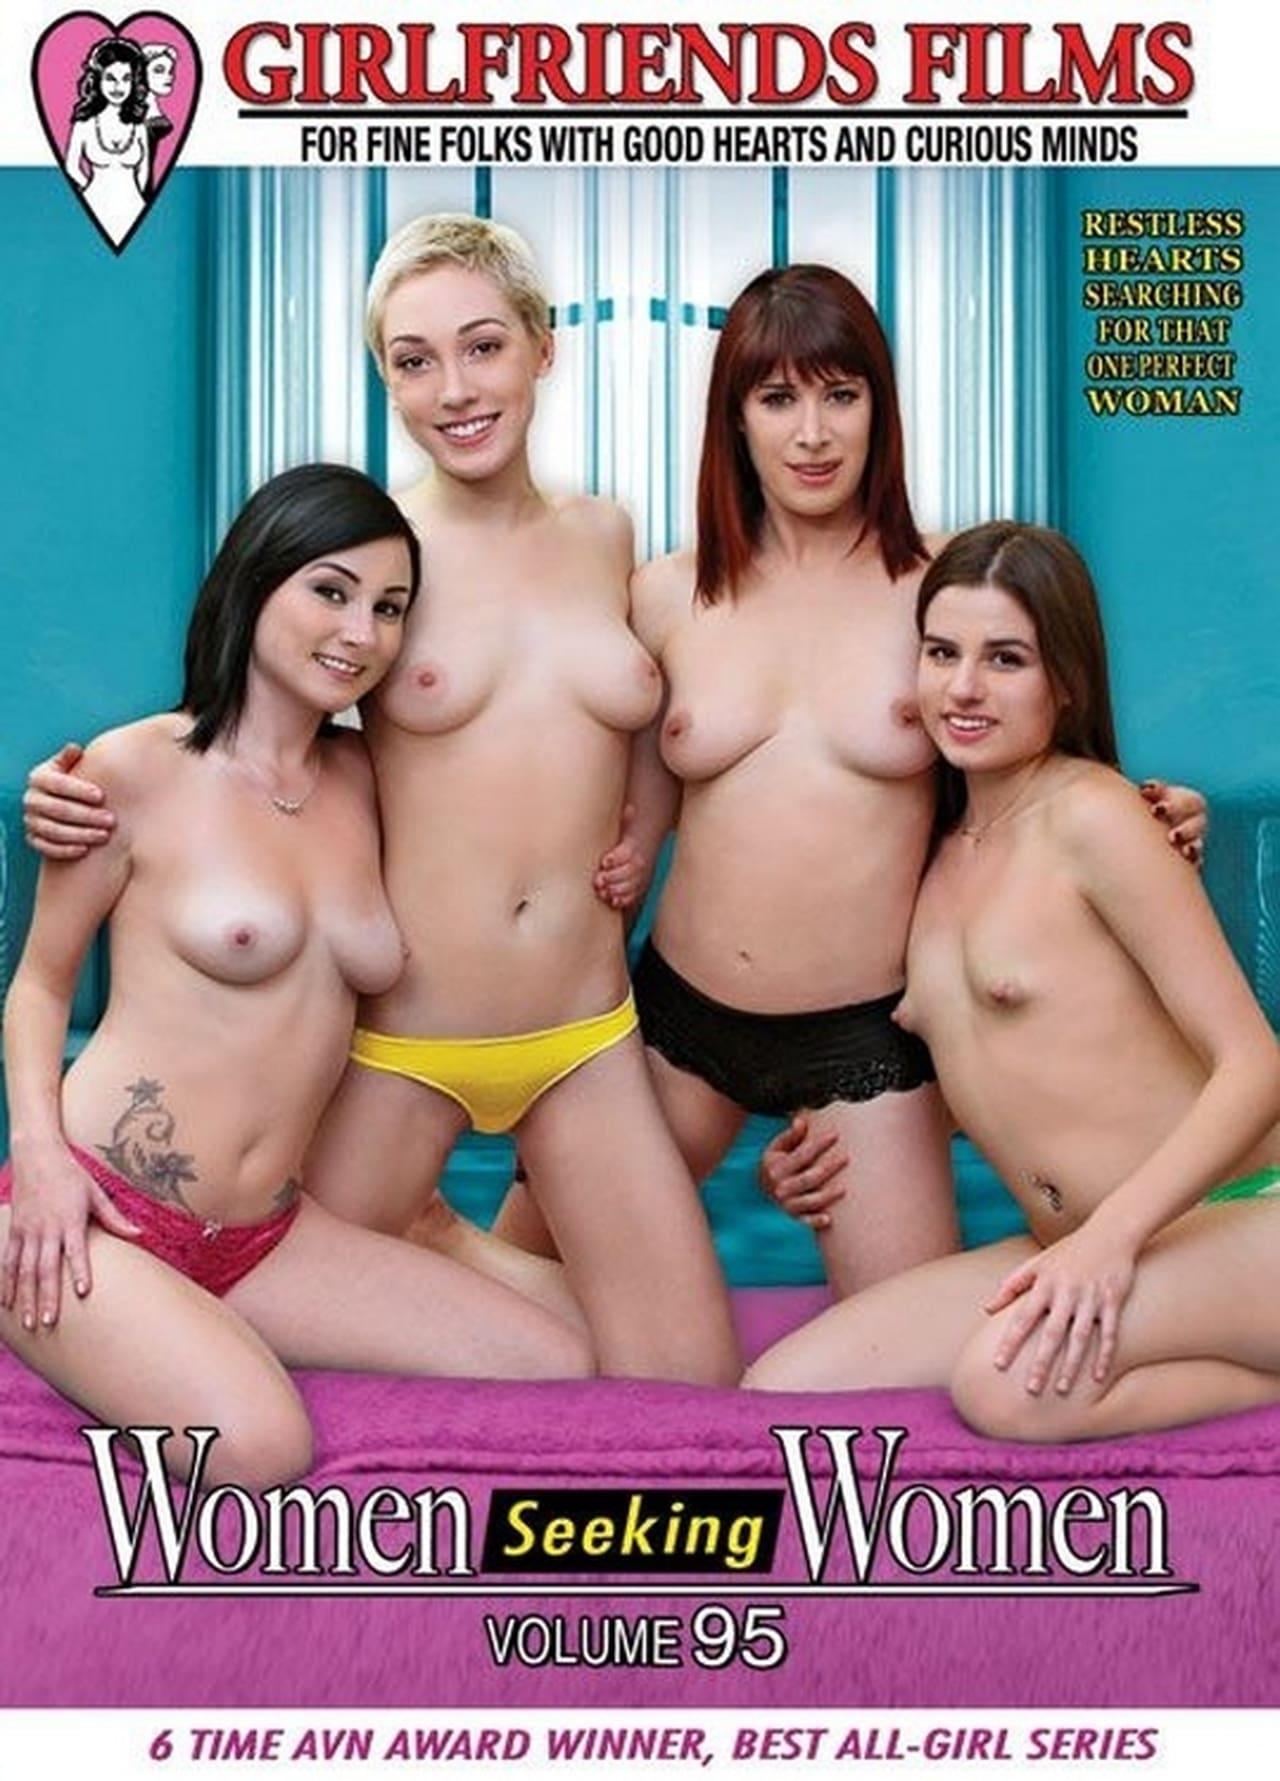 Women Seeking Women 95